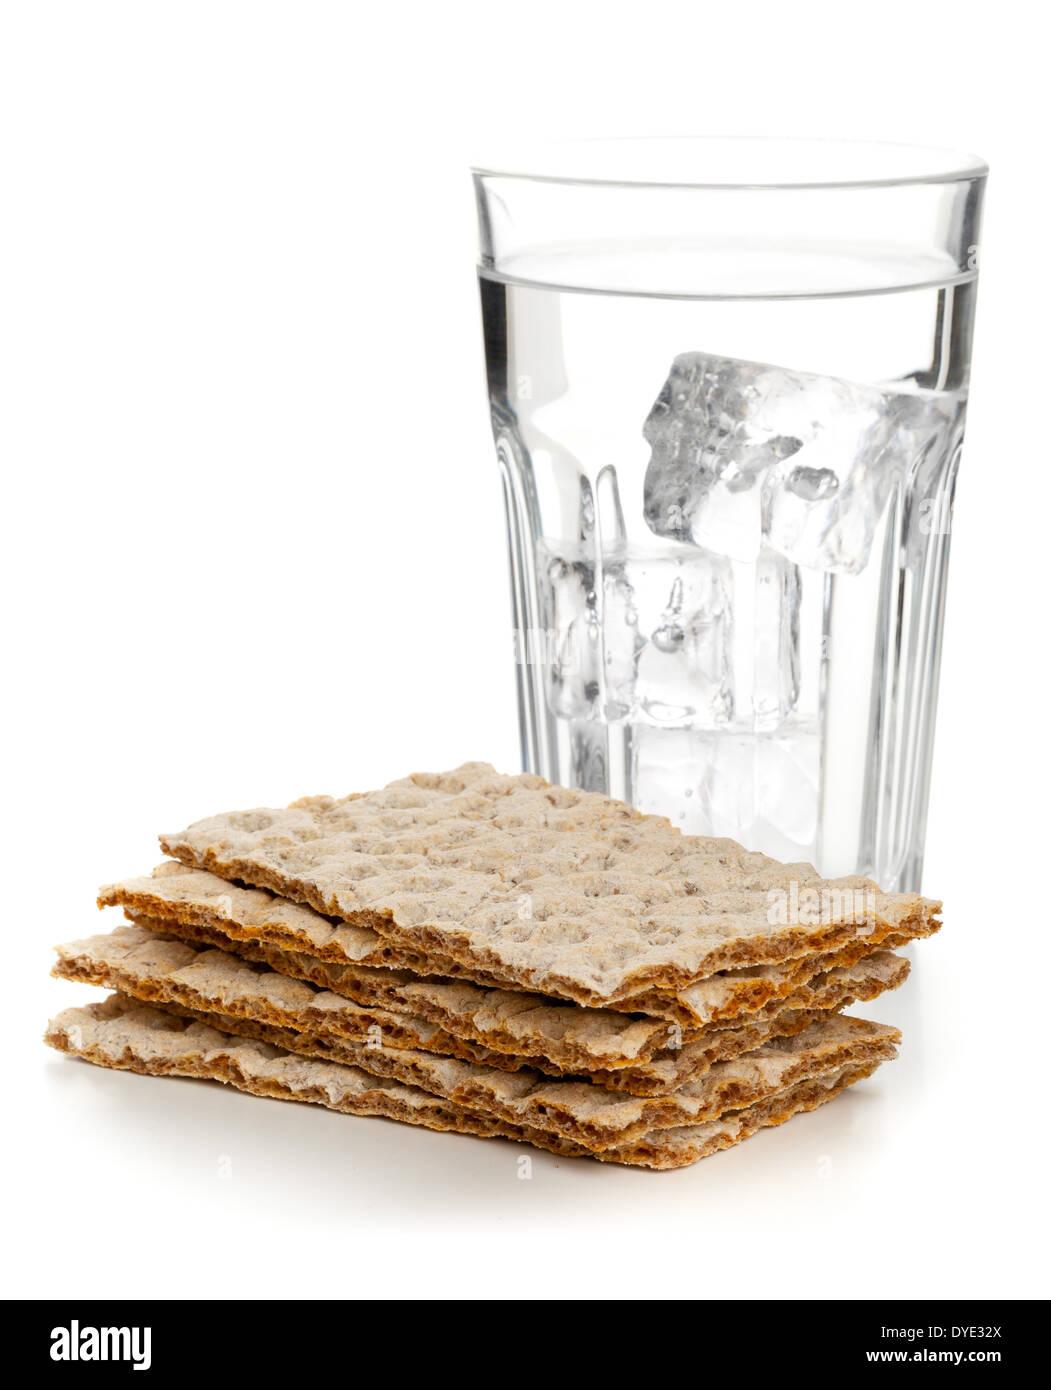 Gestapelte Scheiben Weizen Knackebrot Mit Glas Wasser Uber Weissem